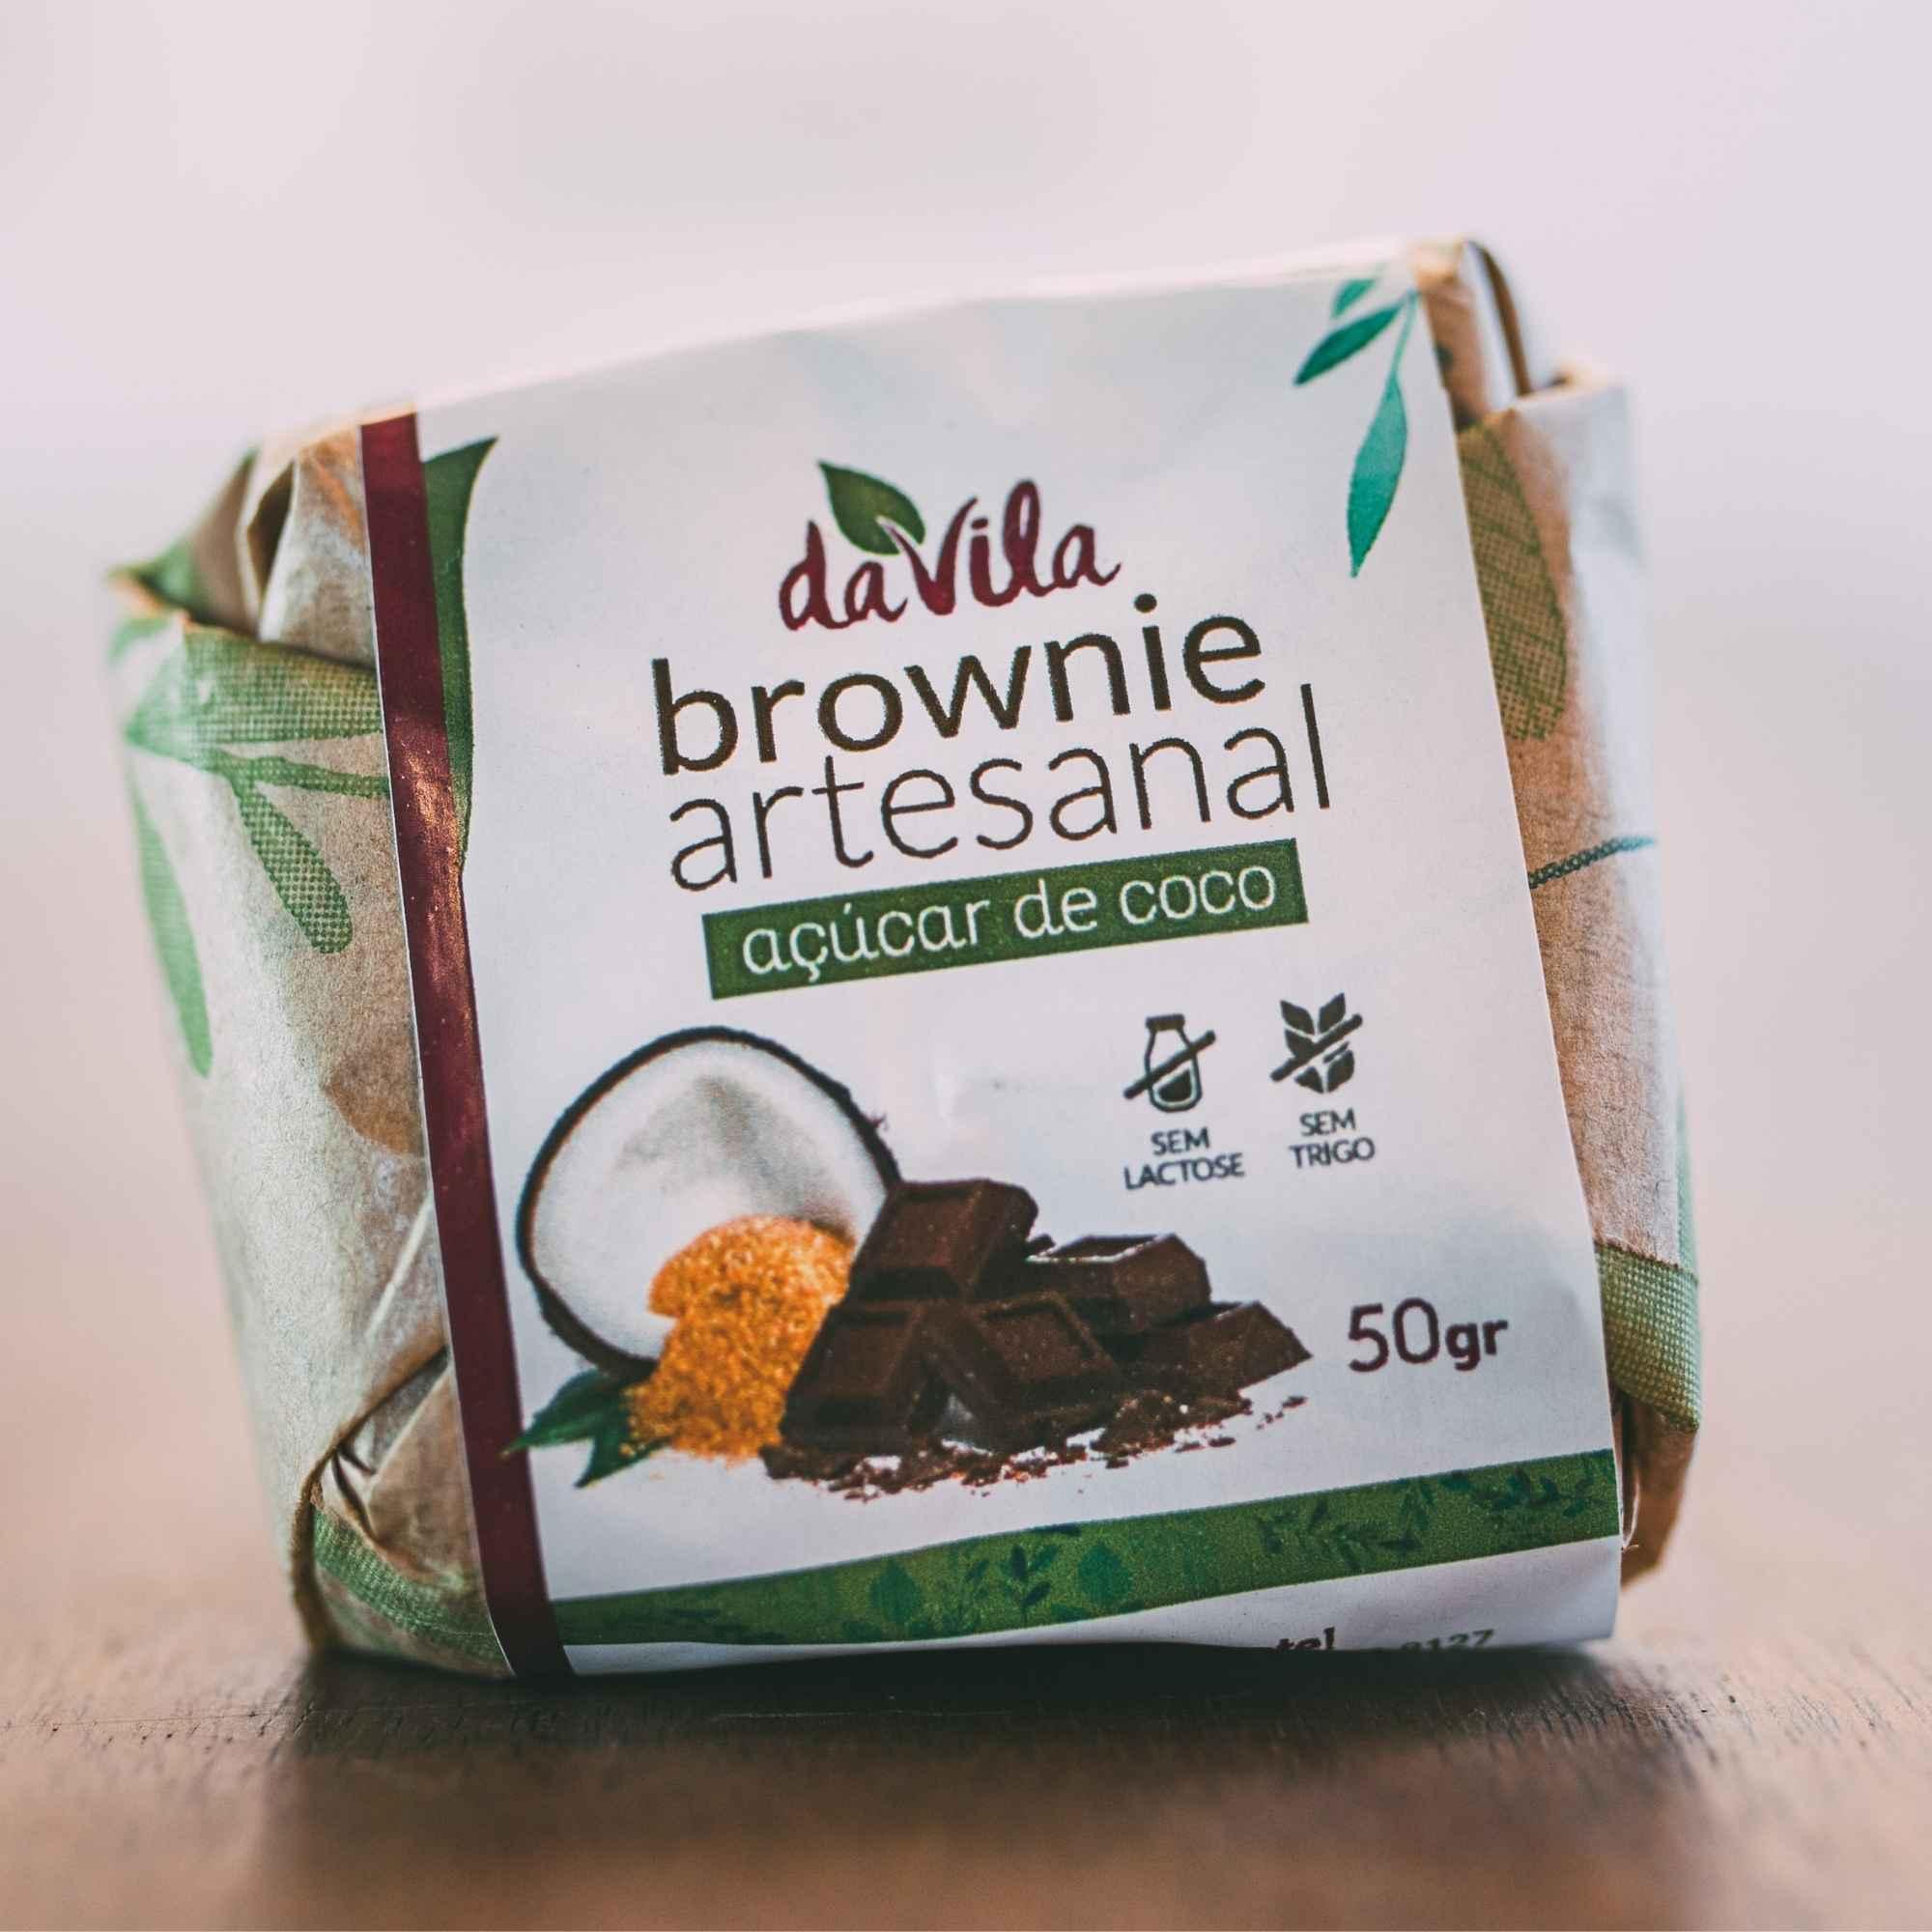 Brownie da Vila - com açúcar de coco